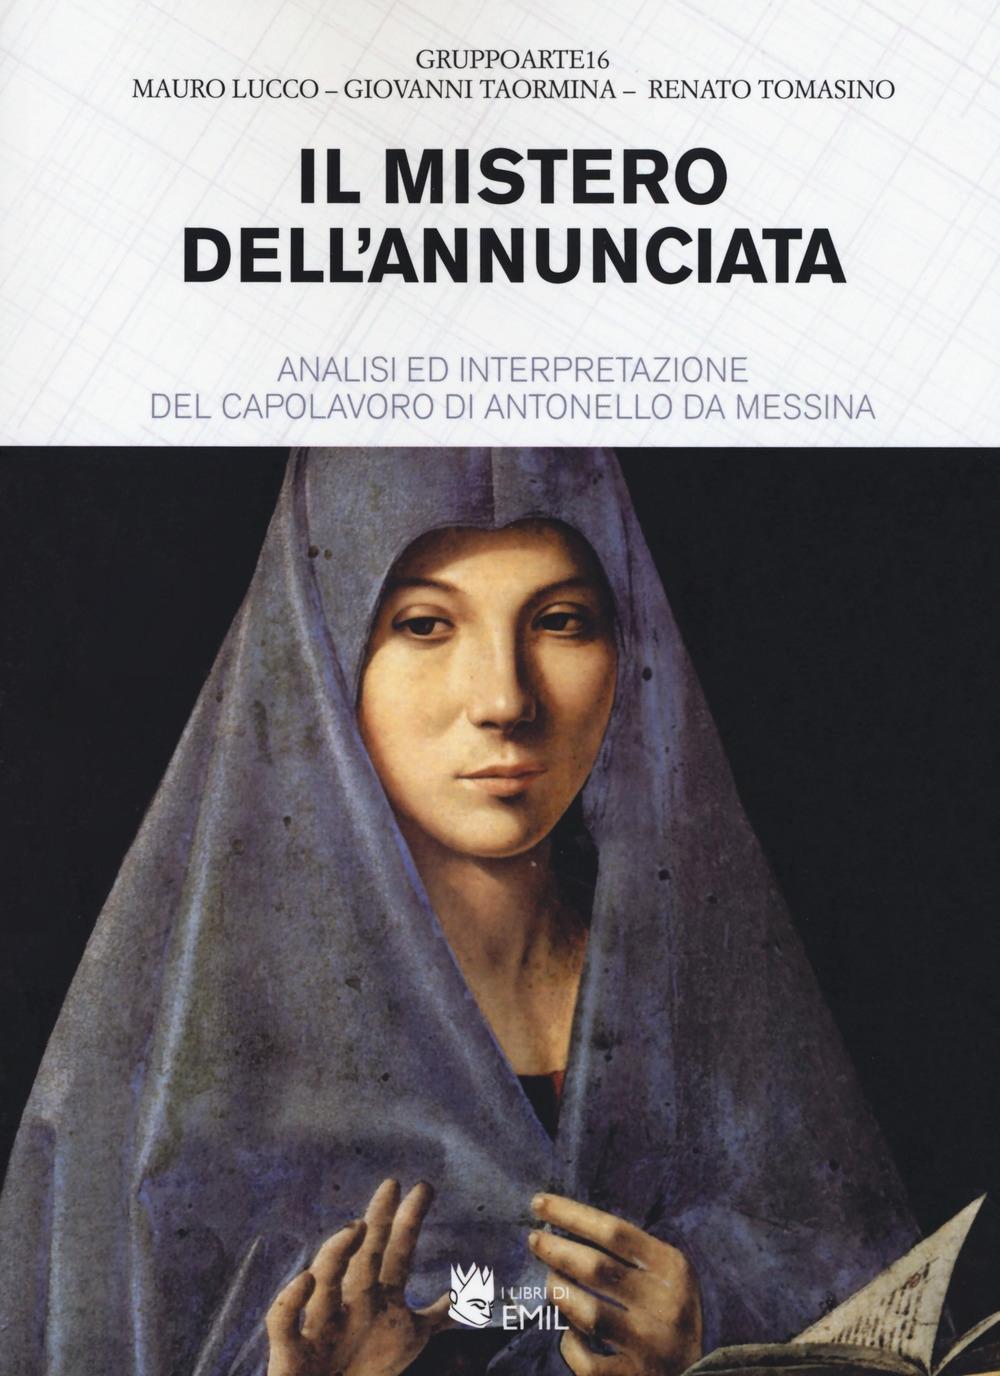 Il mistero dell'Annunciata. Analisi e interpretazione del capolavoro di Antonello da Messina